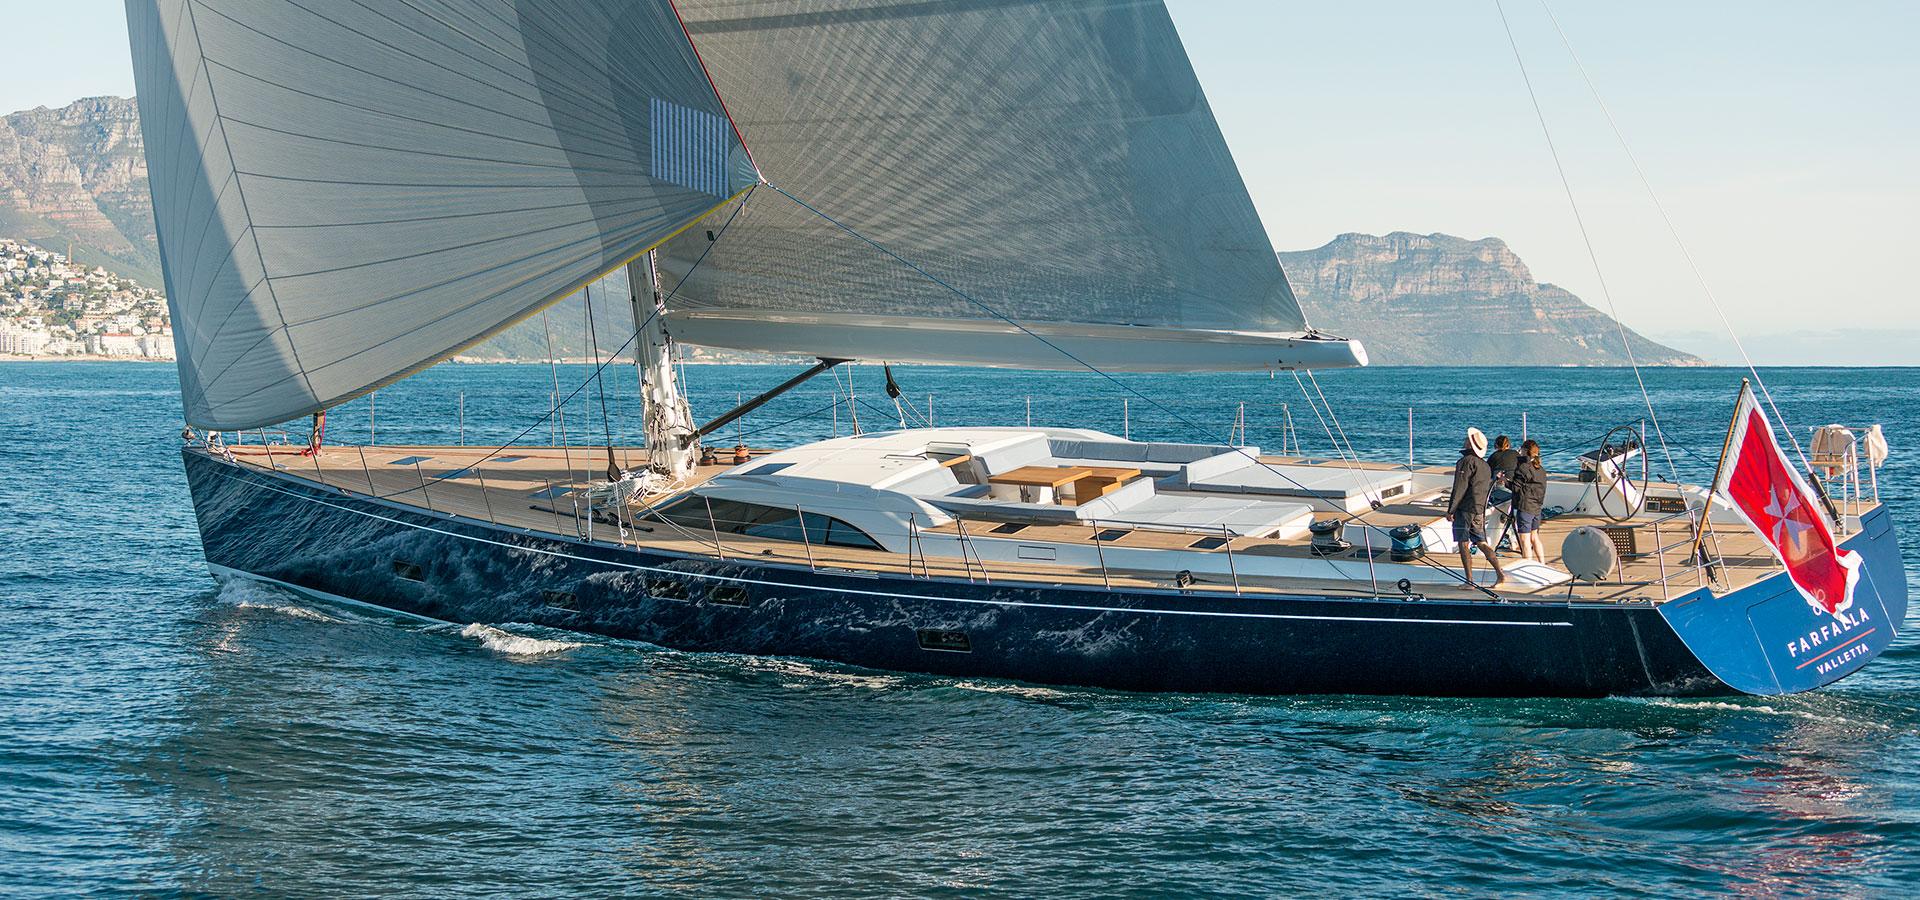 sw102 farfalla yacht for charter